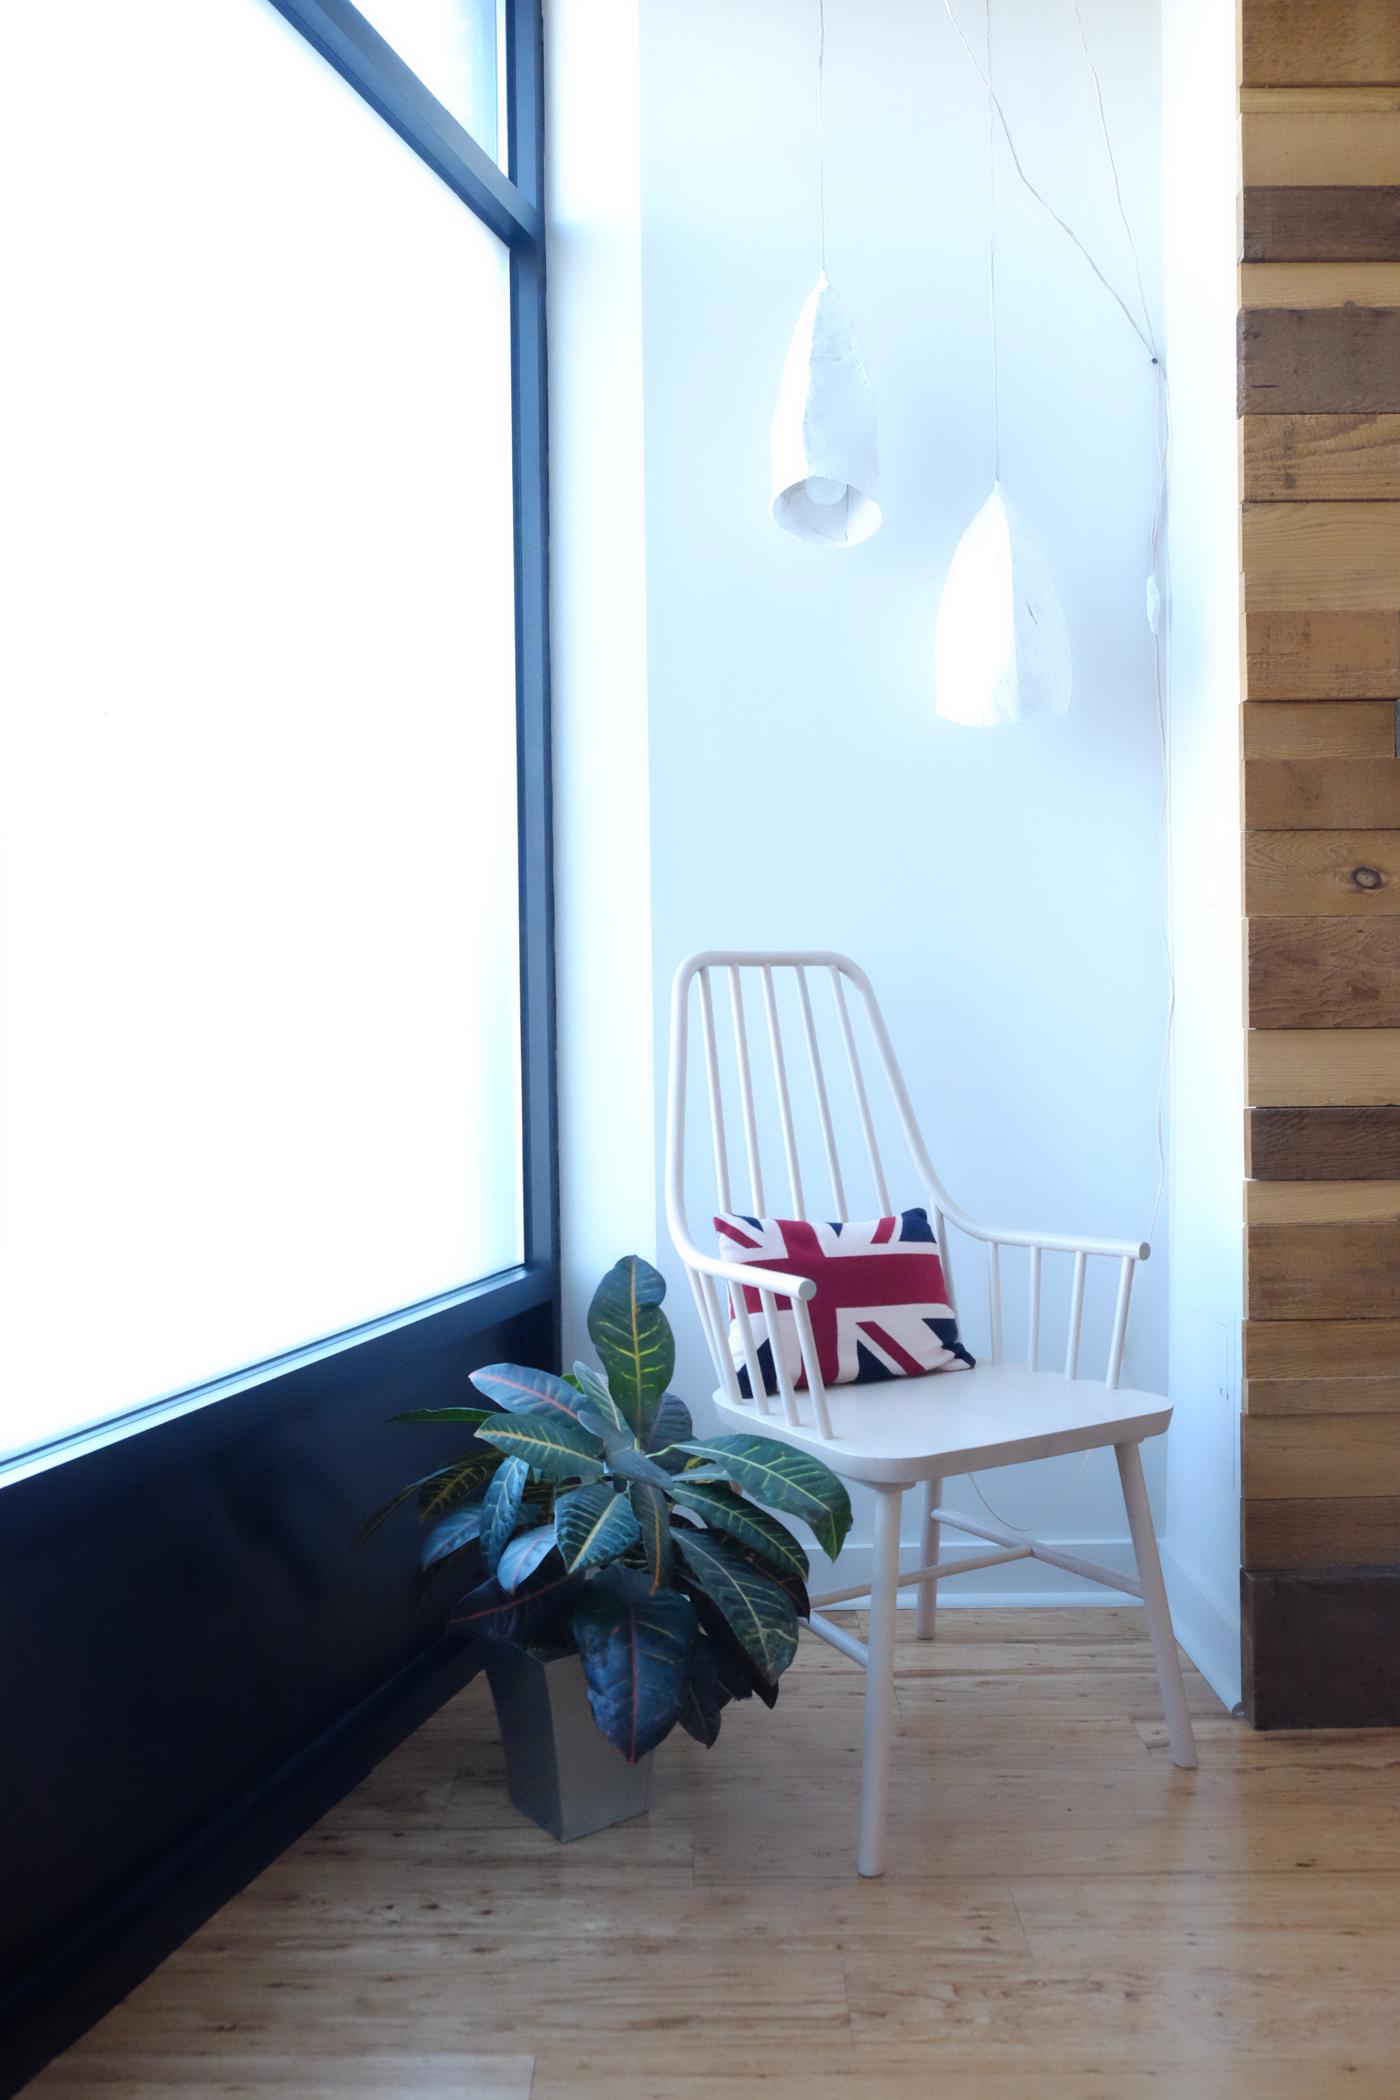 348studio_New Space